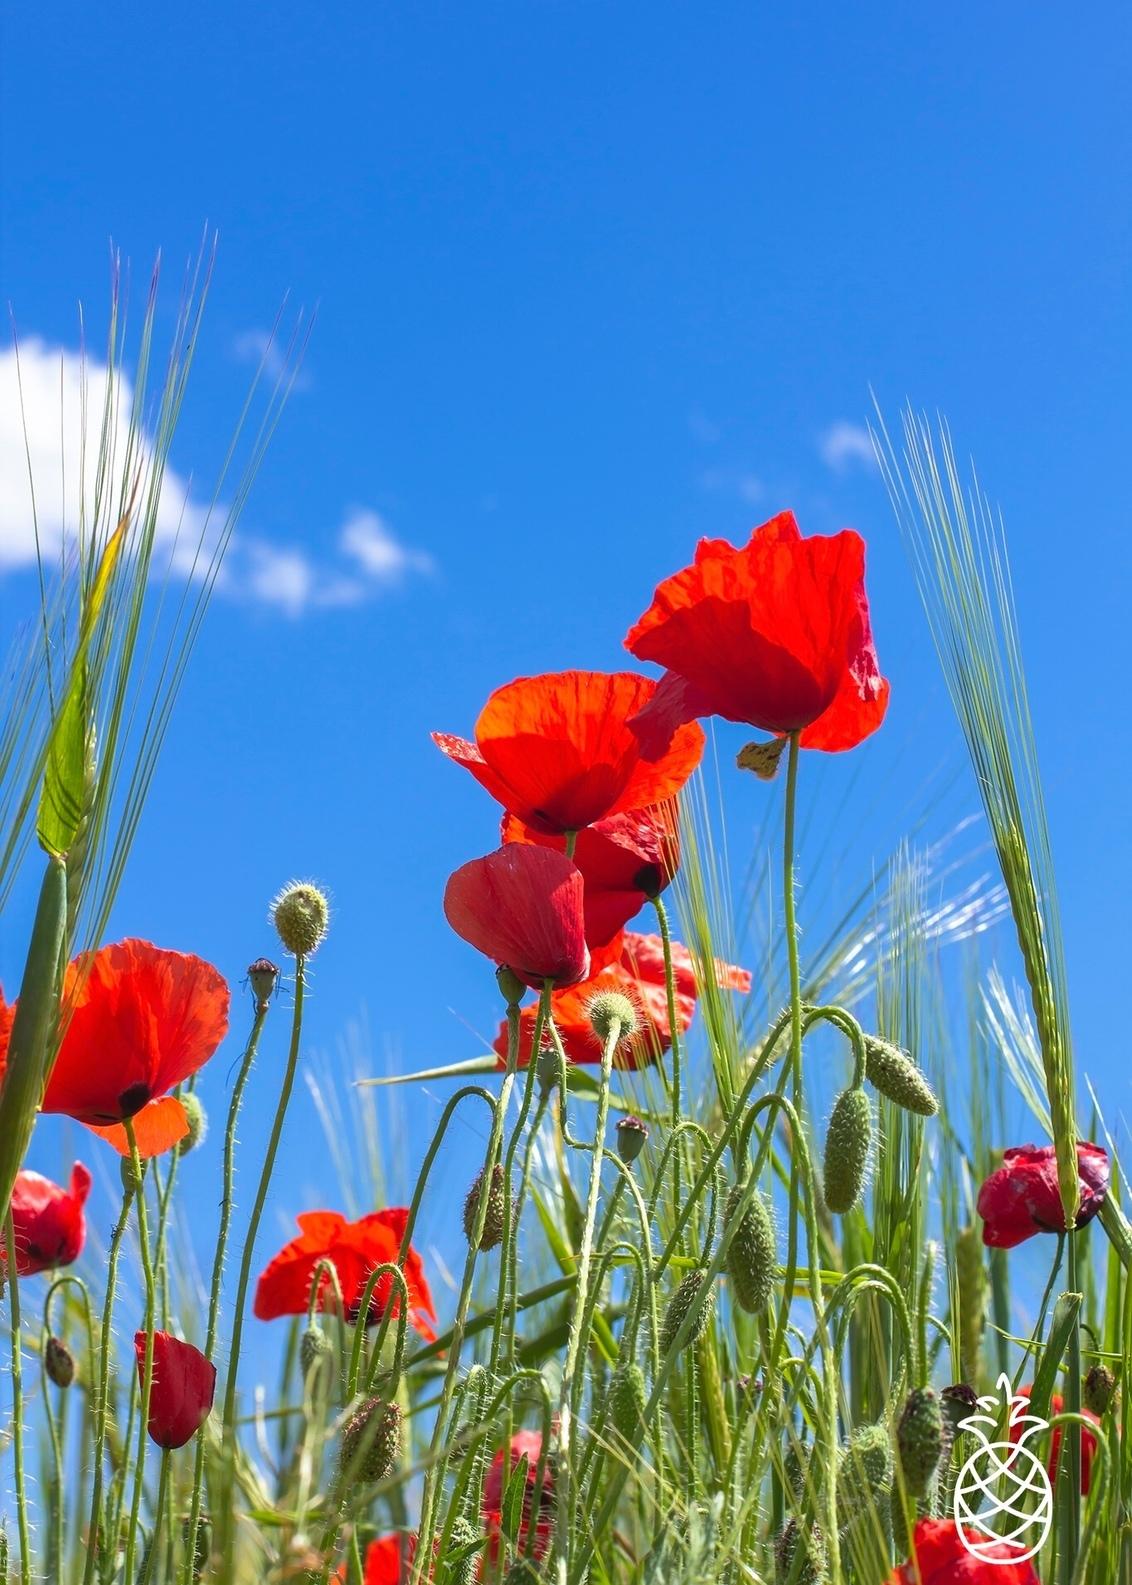 Colorful - Ze zijn er weer.... Weer volop aanwezig hier de klaprozen. Altijd weer mooi het rood tegen de blauwe lucht.  Hondón de los Frailes Spanje. - foto door HenkPijnappels op 14-05-2020 - deze foto bevat: lucht, wolken, rood, lente, natuur, licht, landschap, klaproos